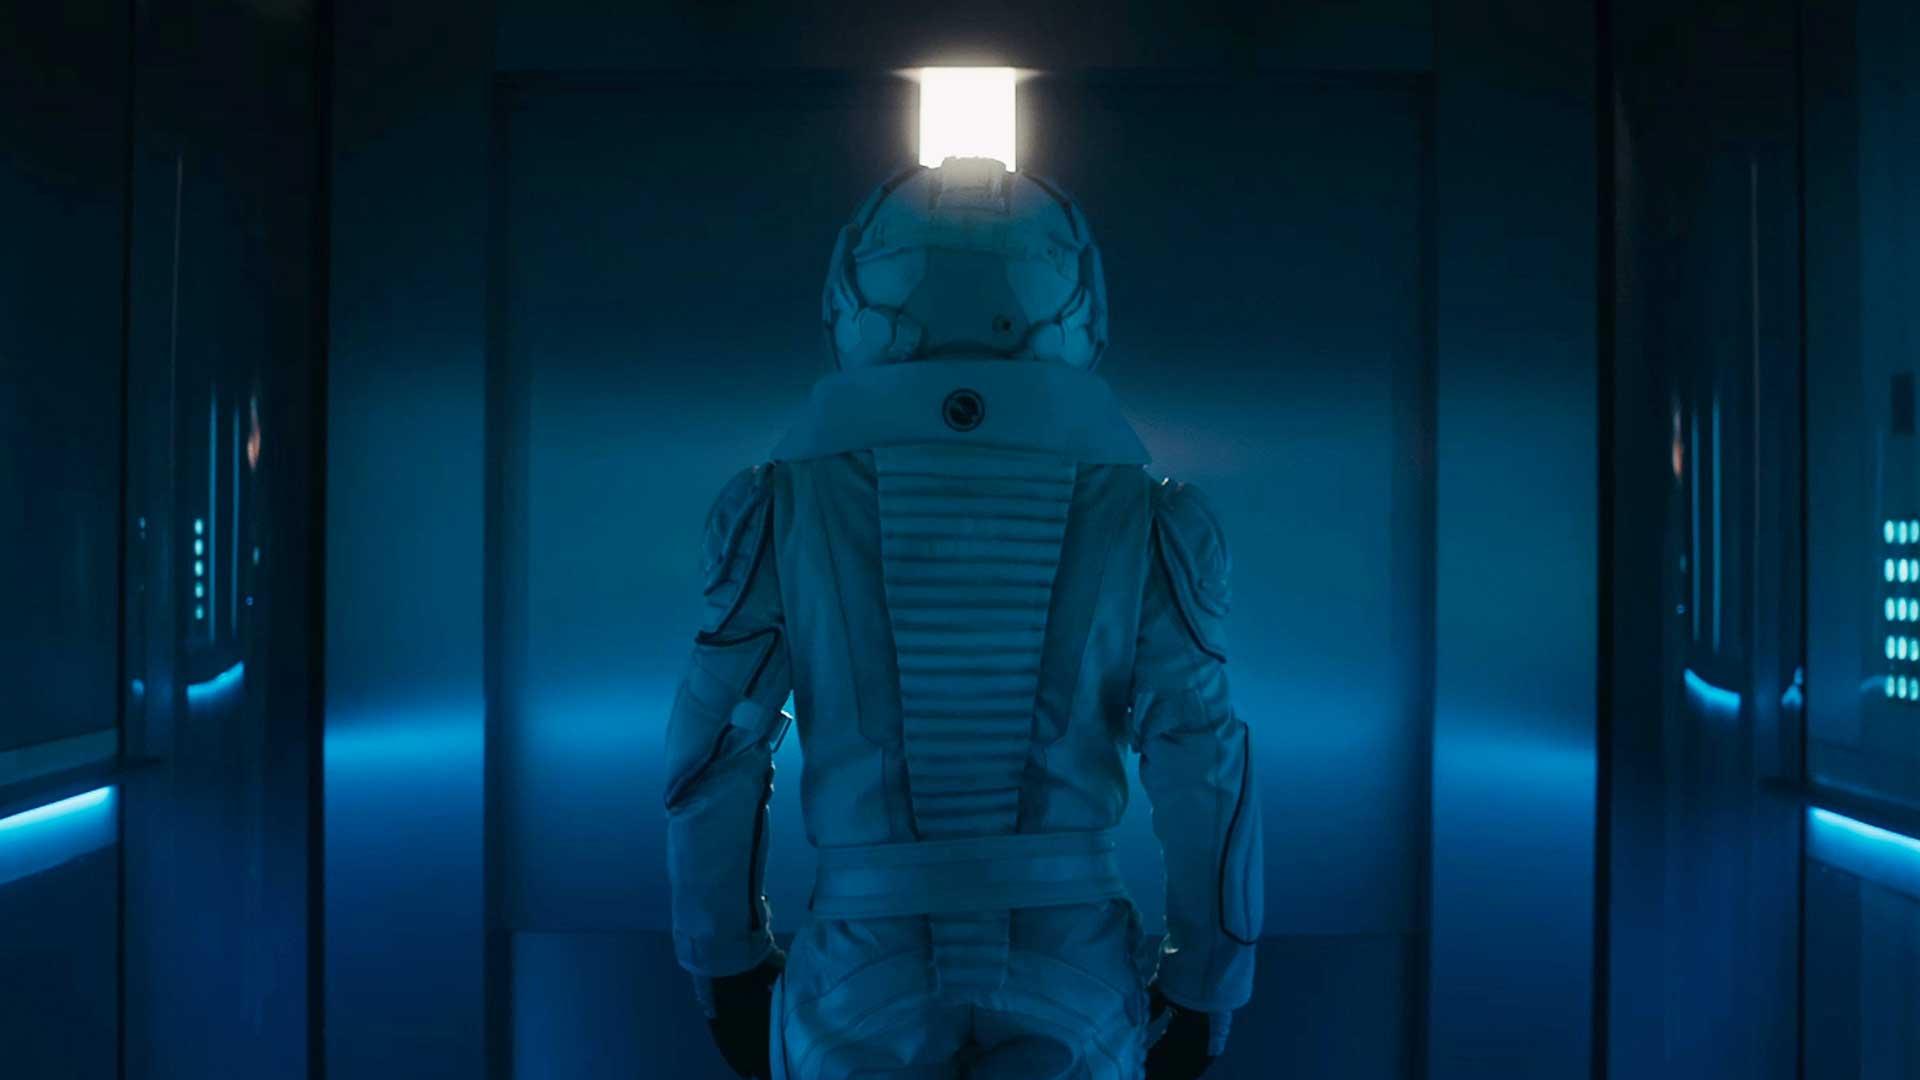 astronaute casque espace combinaison lumières bleu